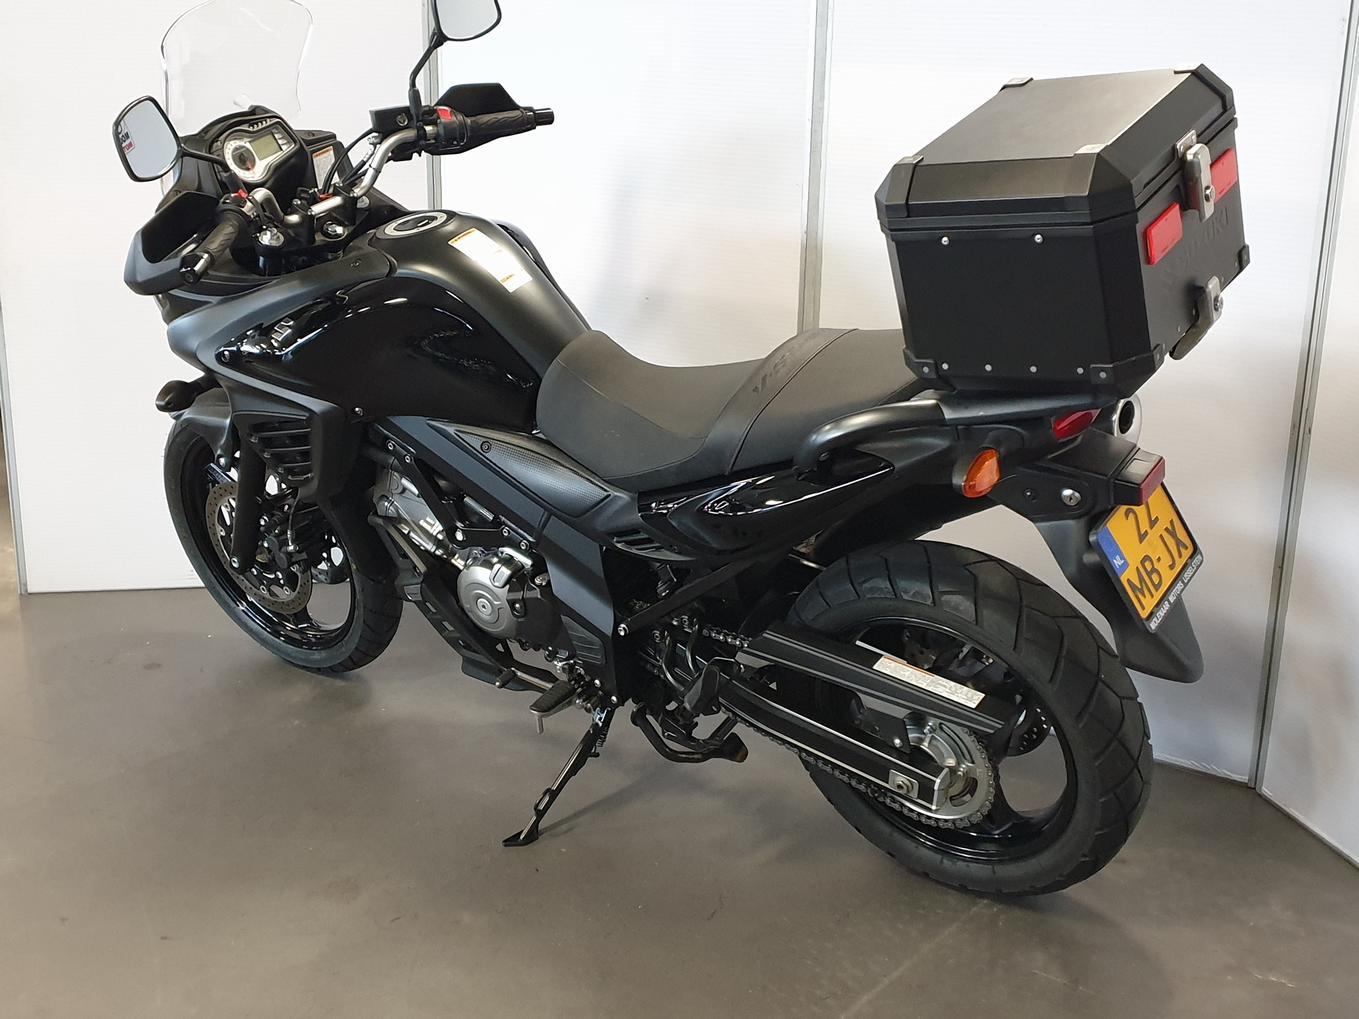 SUZUKI - DL 650 ABS